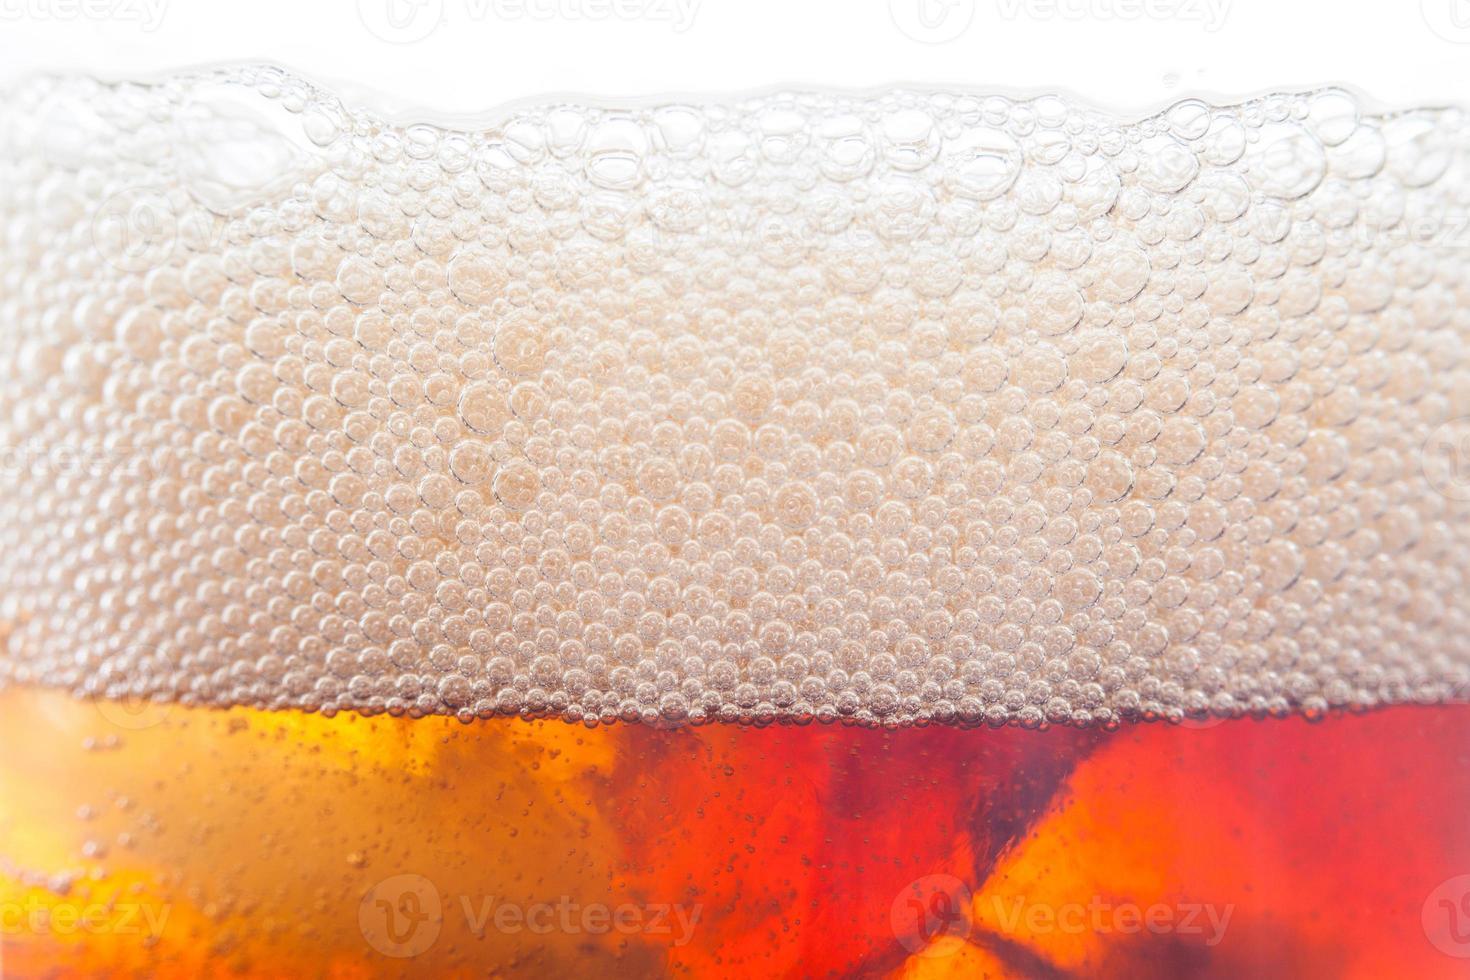 fond de bulle de boisson gazeuse avec de la glace photo